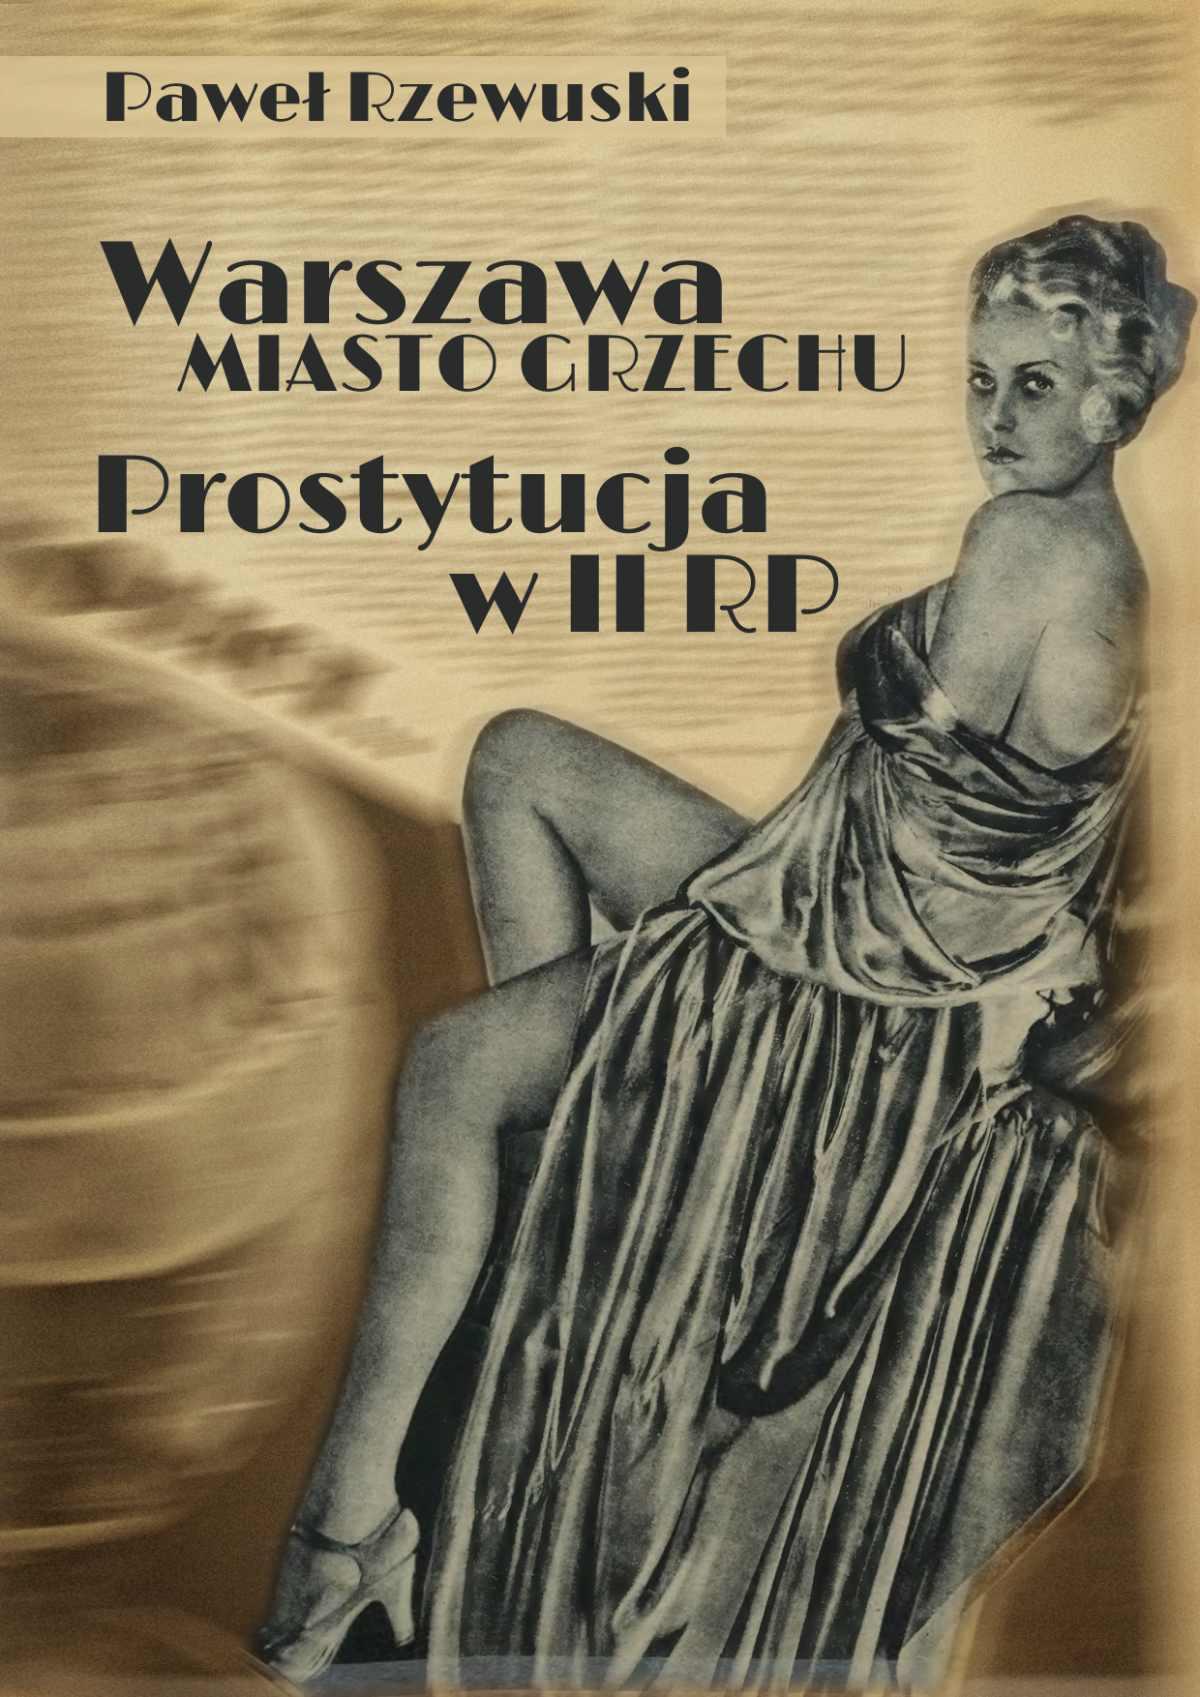 Warszawa - miasto grzechu. Prostytucja w II RP - Ebook (Książka EPUB) do pobrania w formacie EPUB